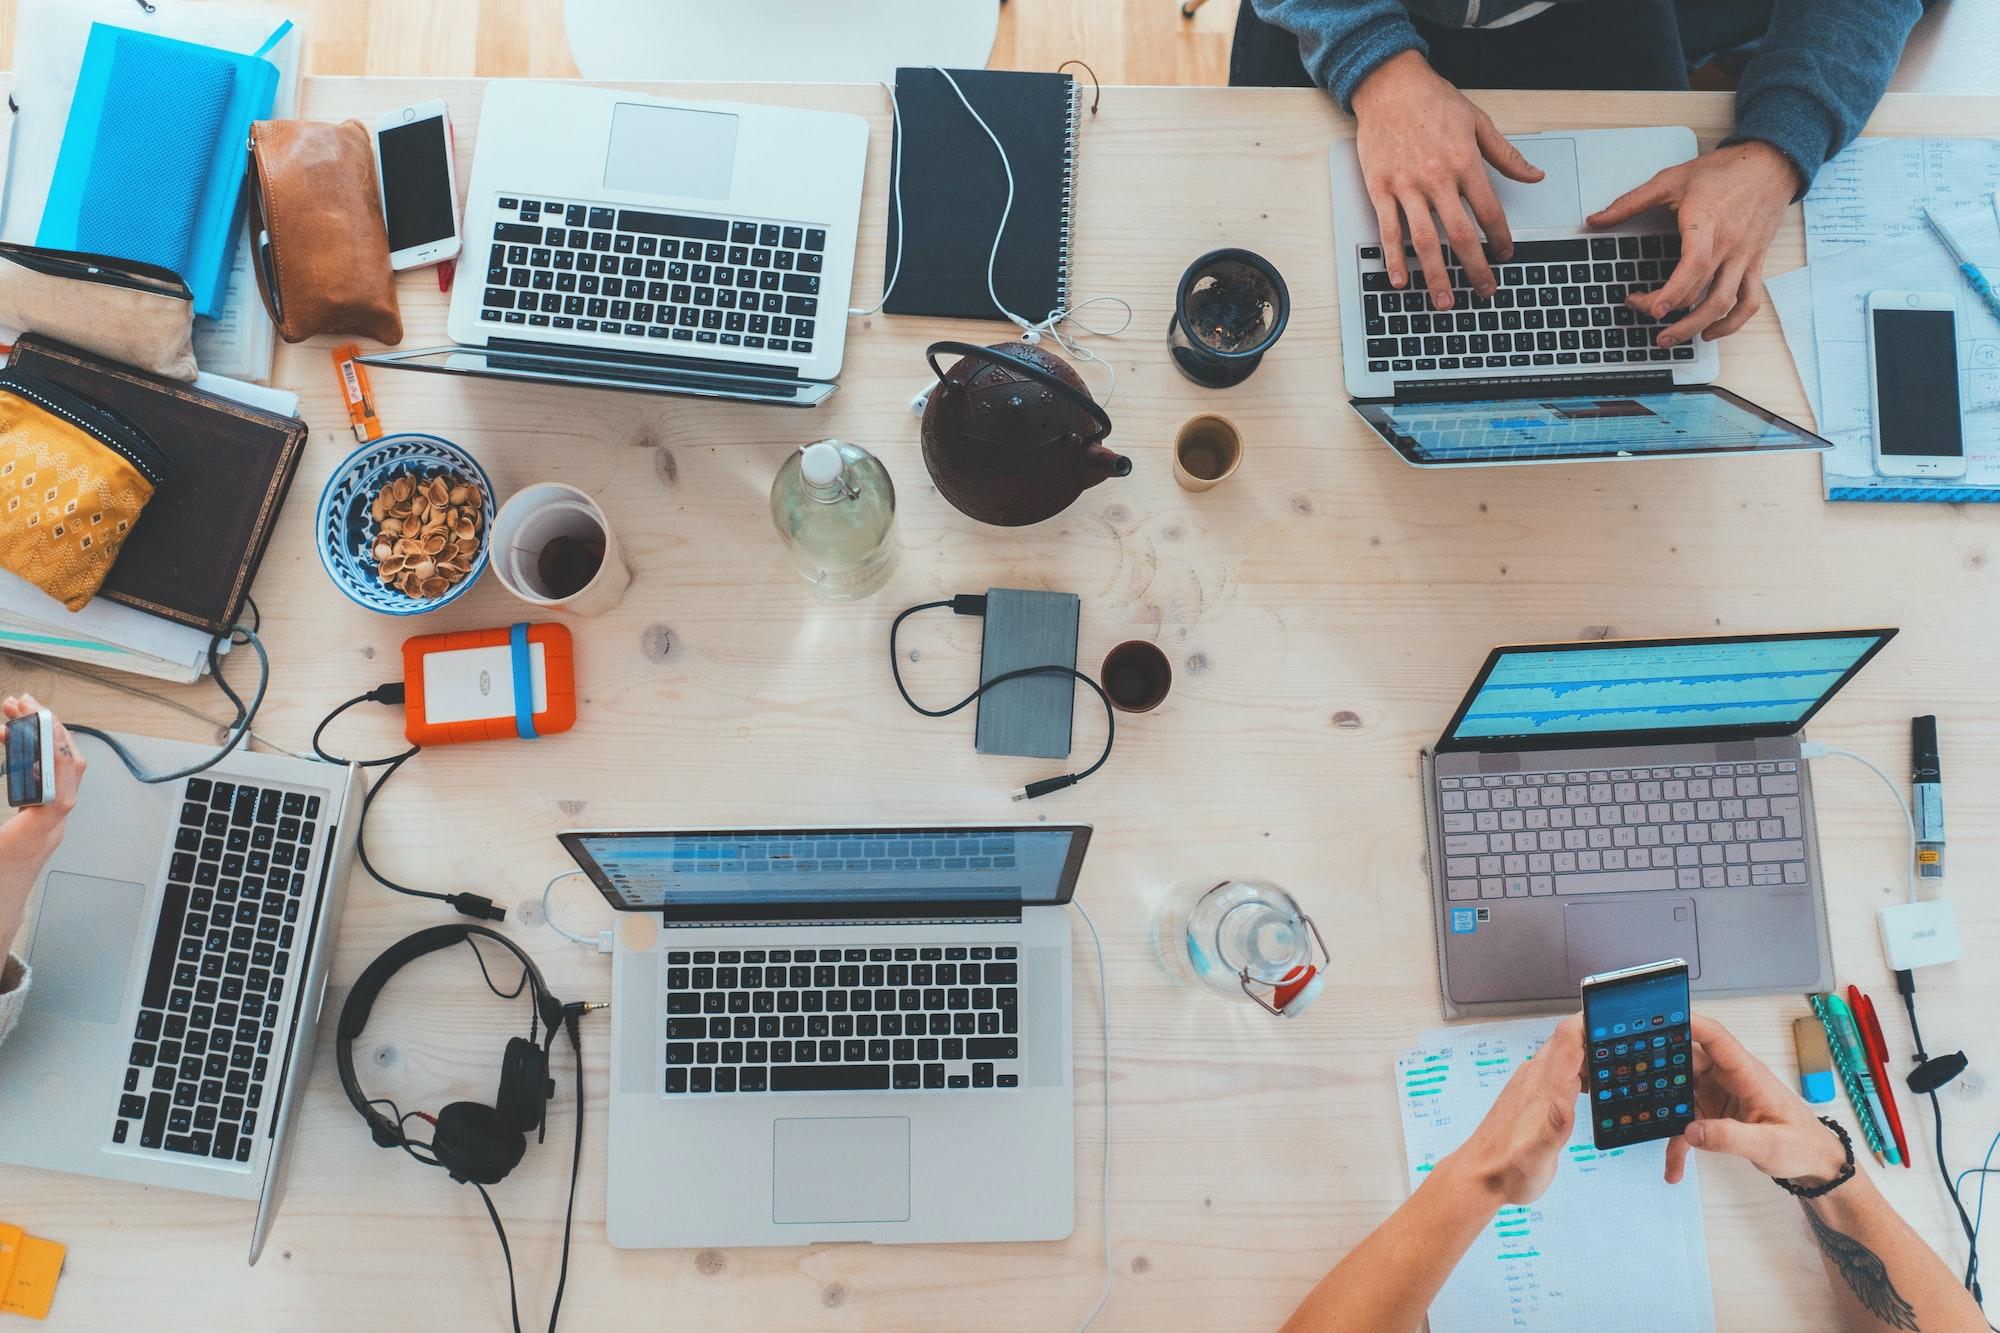 Essência do DataOps: pessoas trabalhando juntas, em sistemas colaborativos. Na imagem tem cinco notebooks, alguns fones de ouvido, canetas, copos de café e mãos manuseando esses objetos.